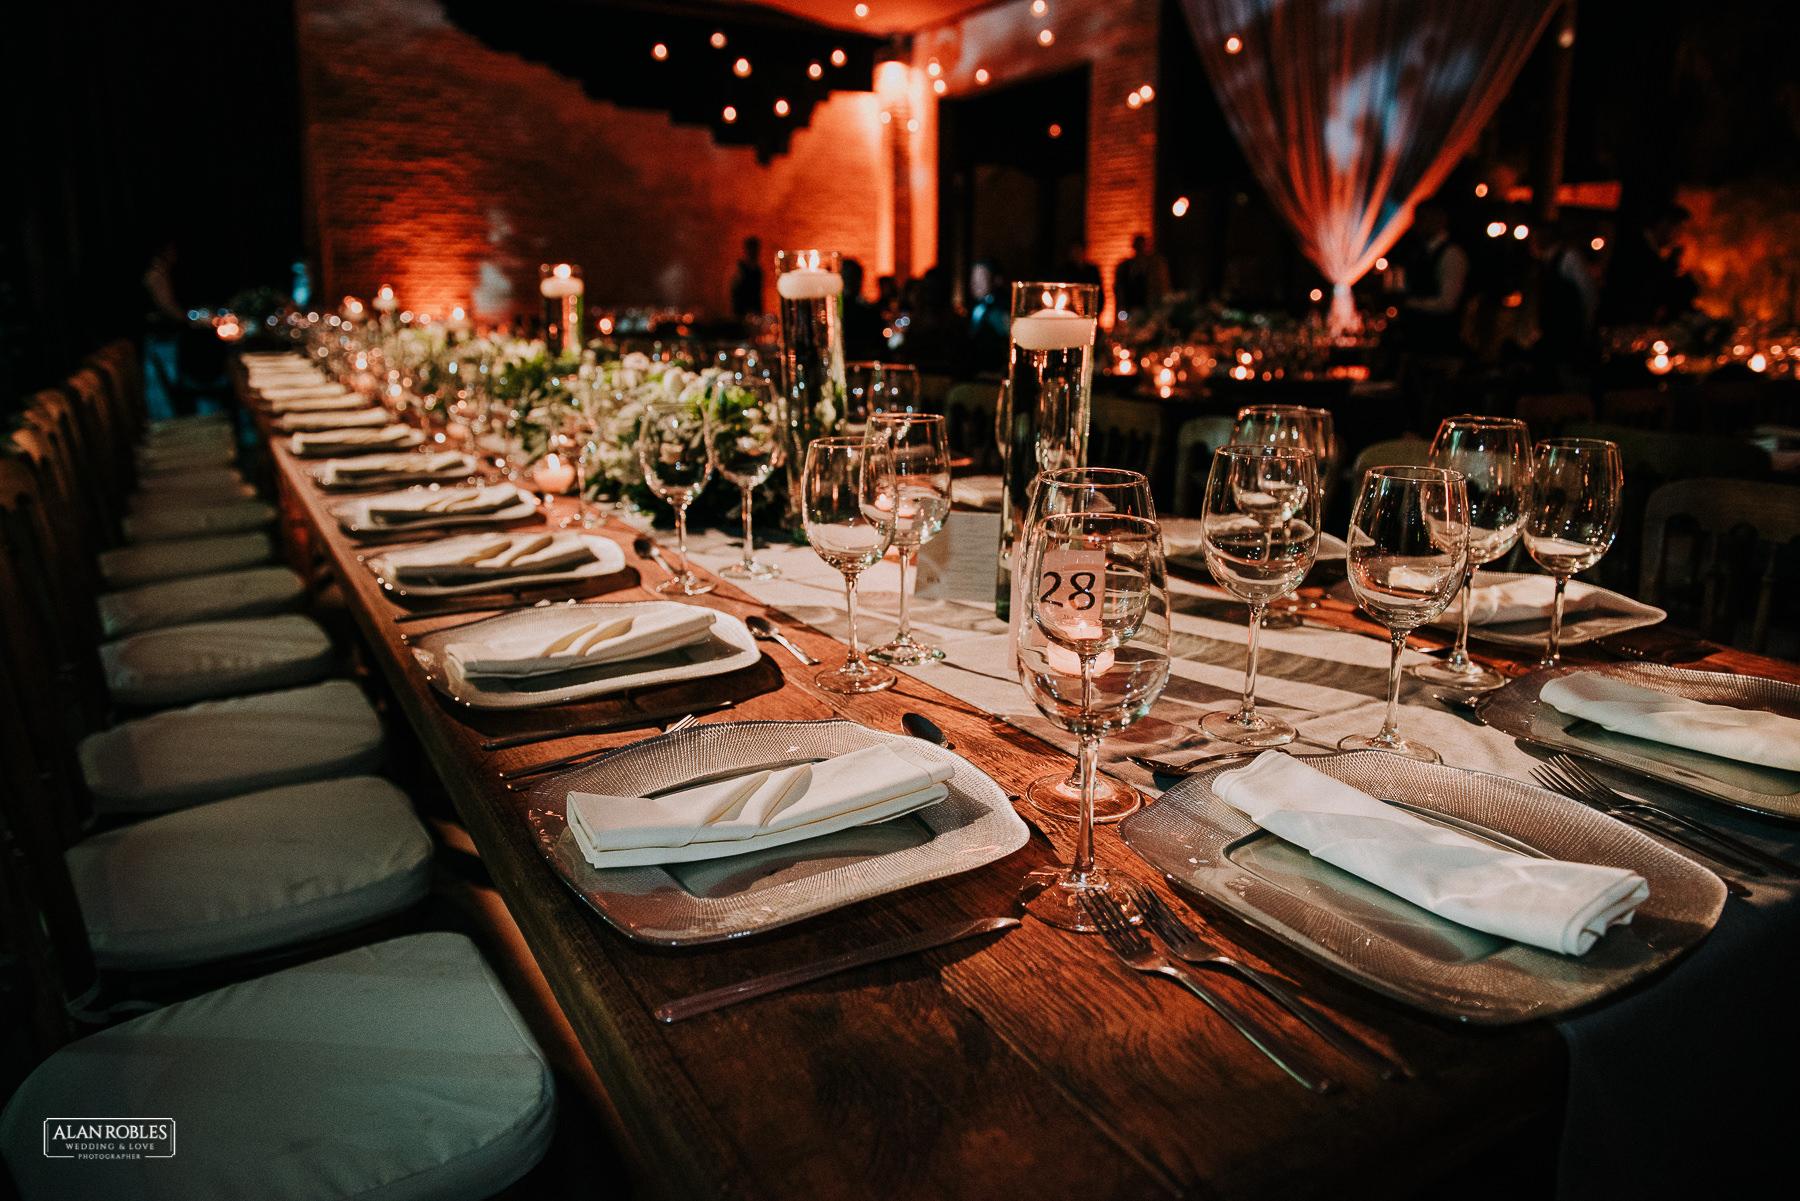 Fotografo de bodas Alan Robles-Casa Clementina Guadalajara DyA-55